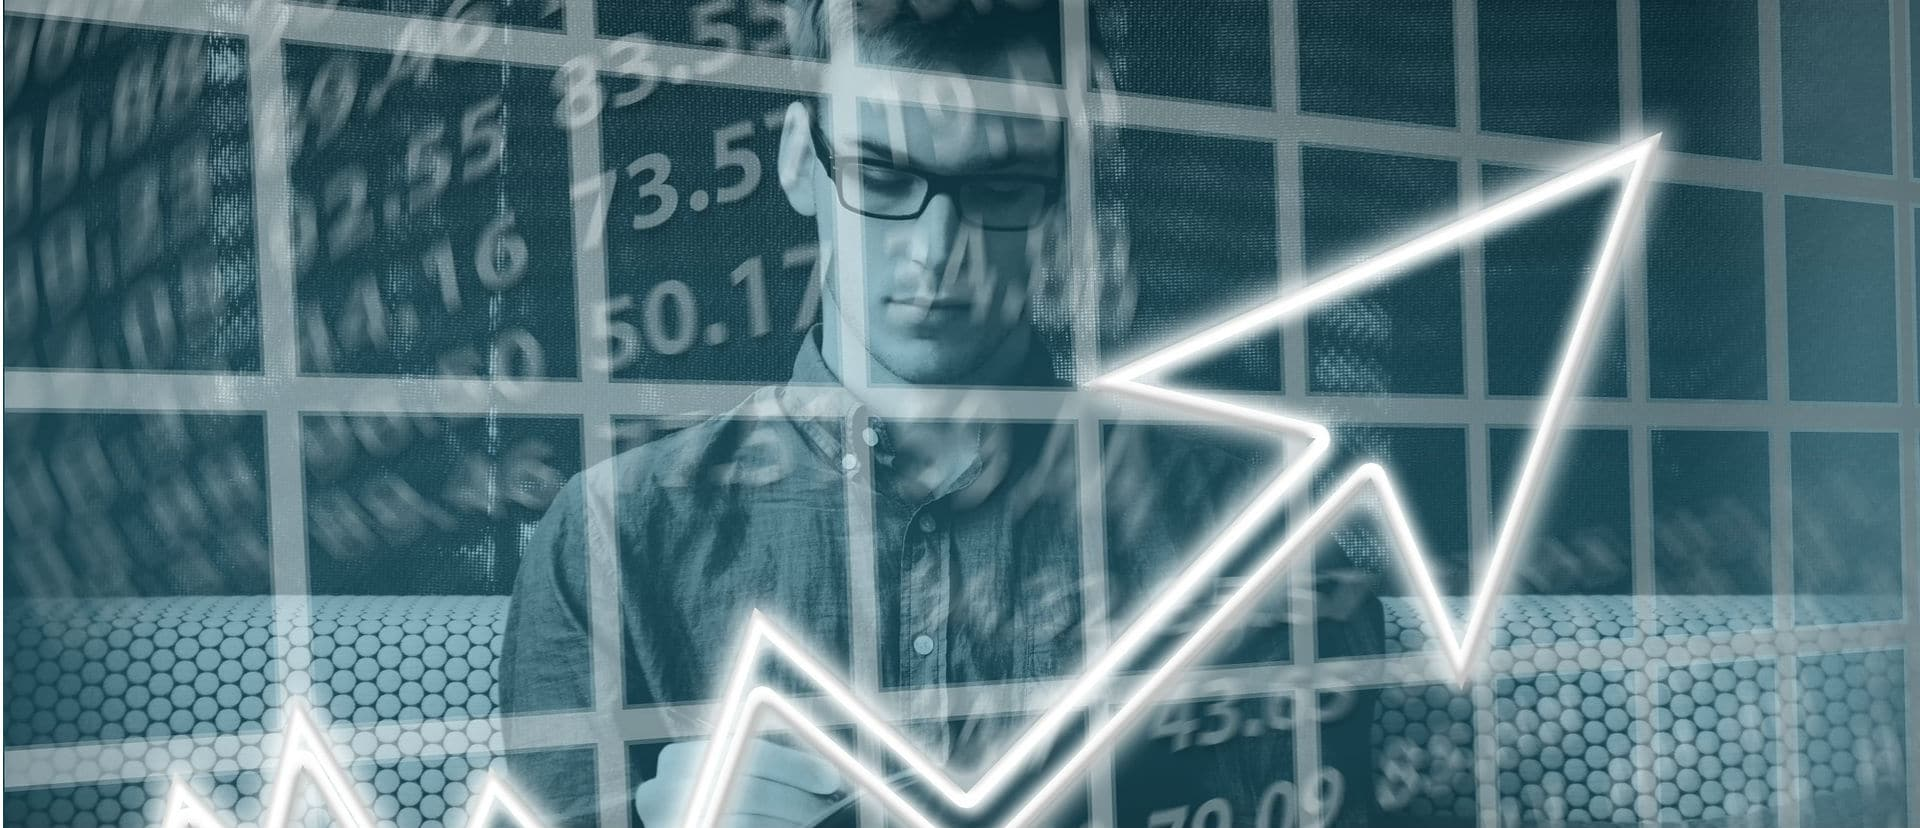 Finanzas y contabilidad son materias que el emprendedor debe conocer